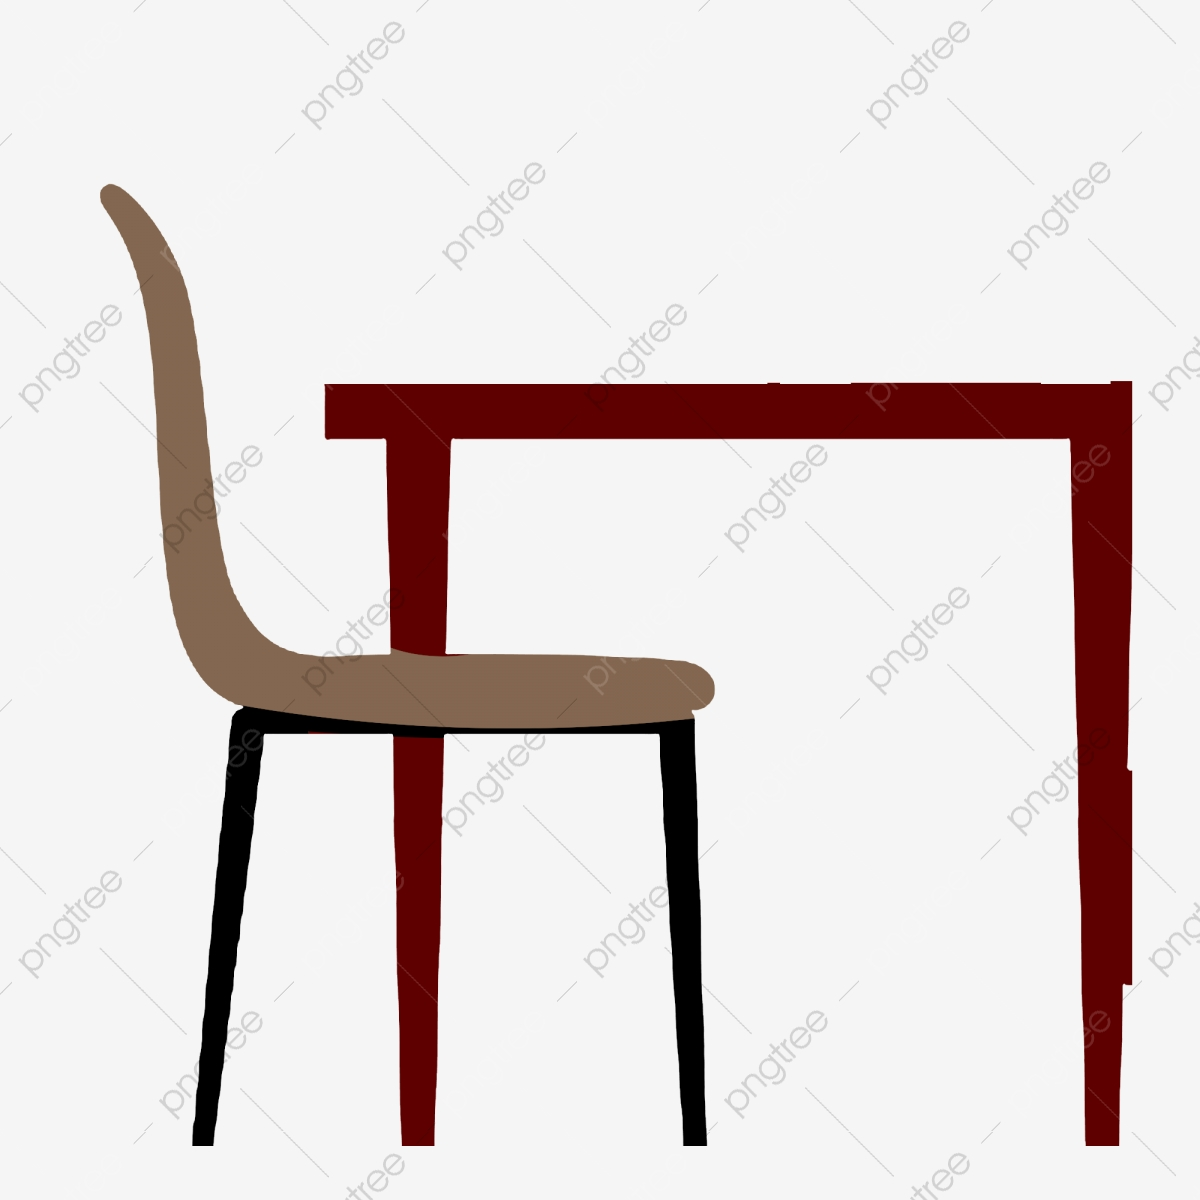 Diseño Comerciales Mesa Con De Silla Y Elementos Simple lcJ3F1TK